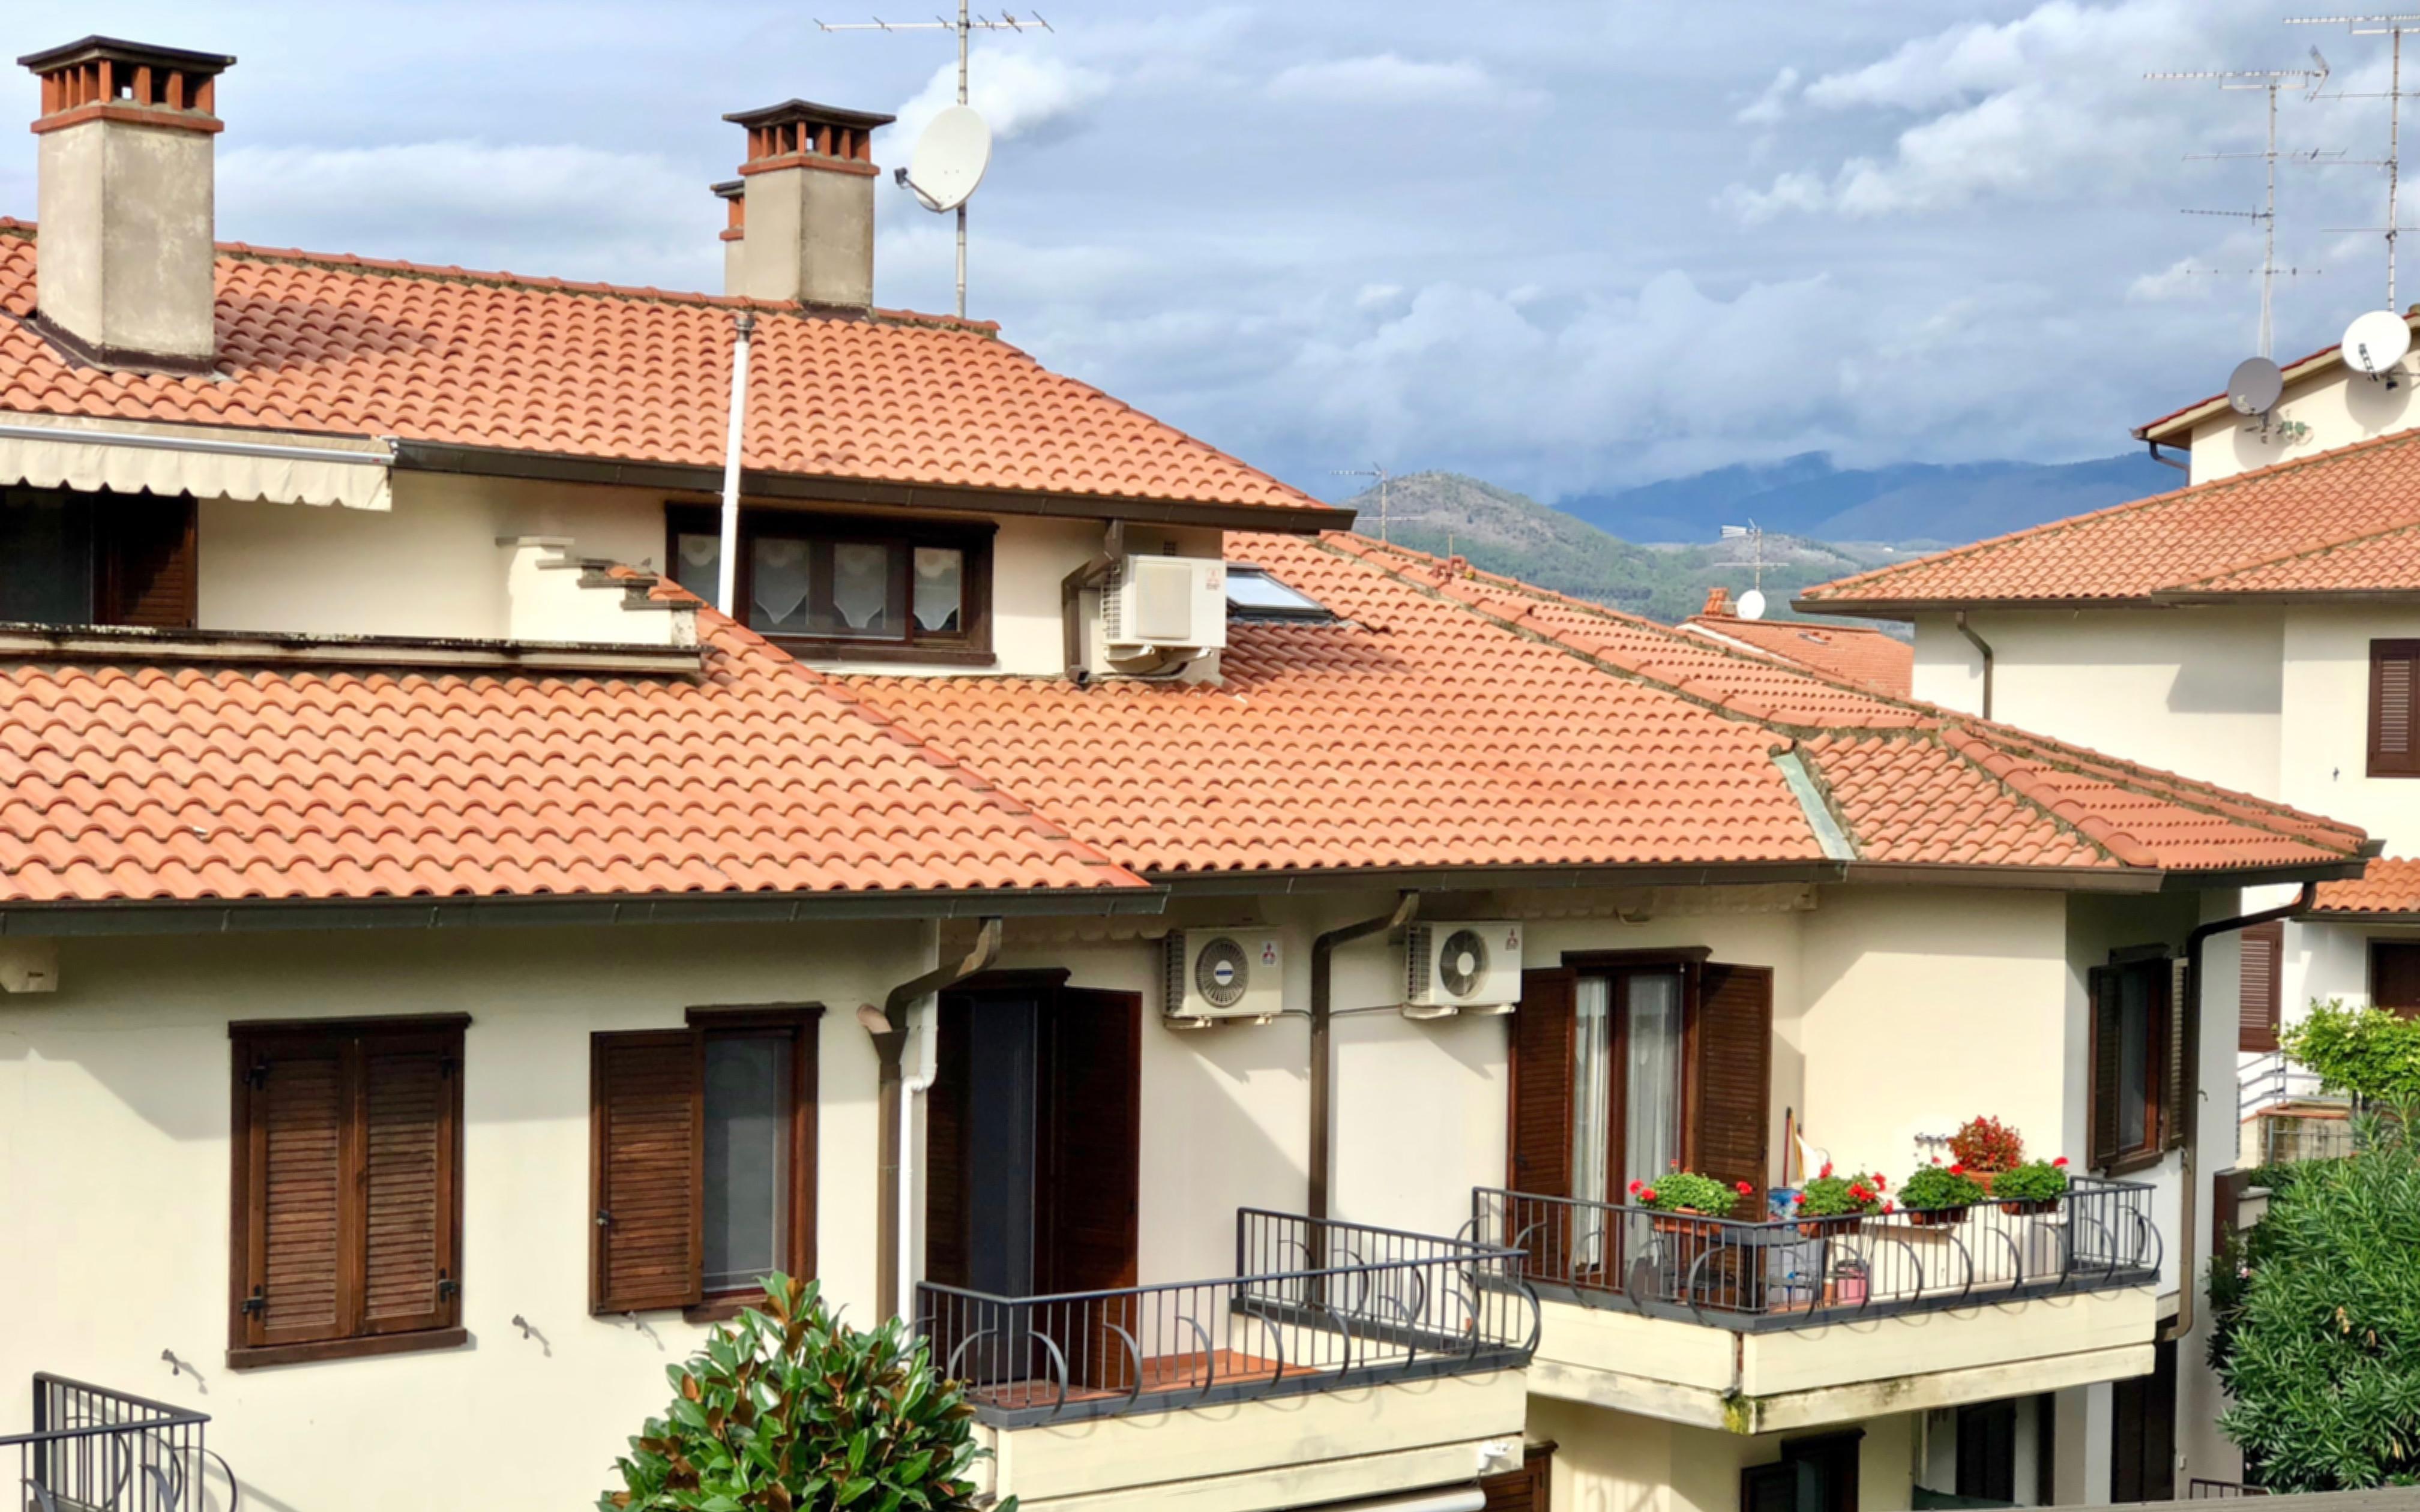 Agenzia Immobiliare a Prato